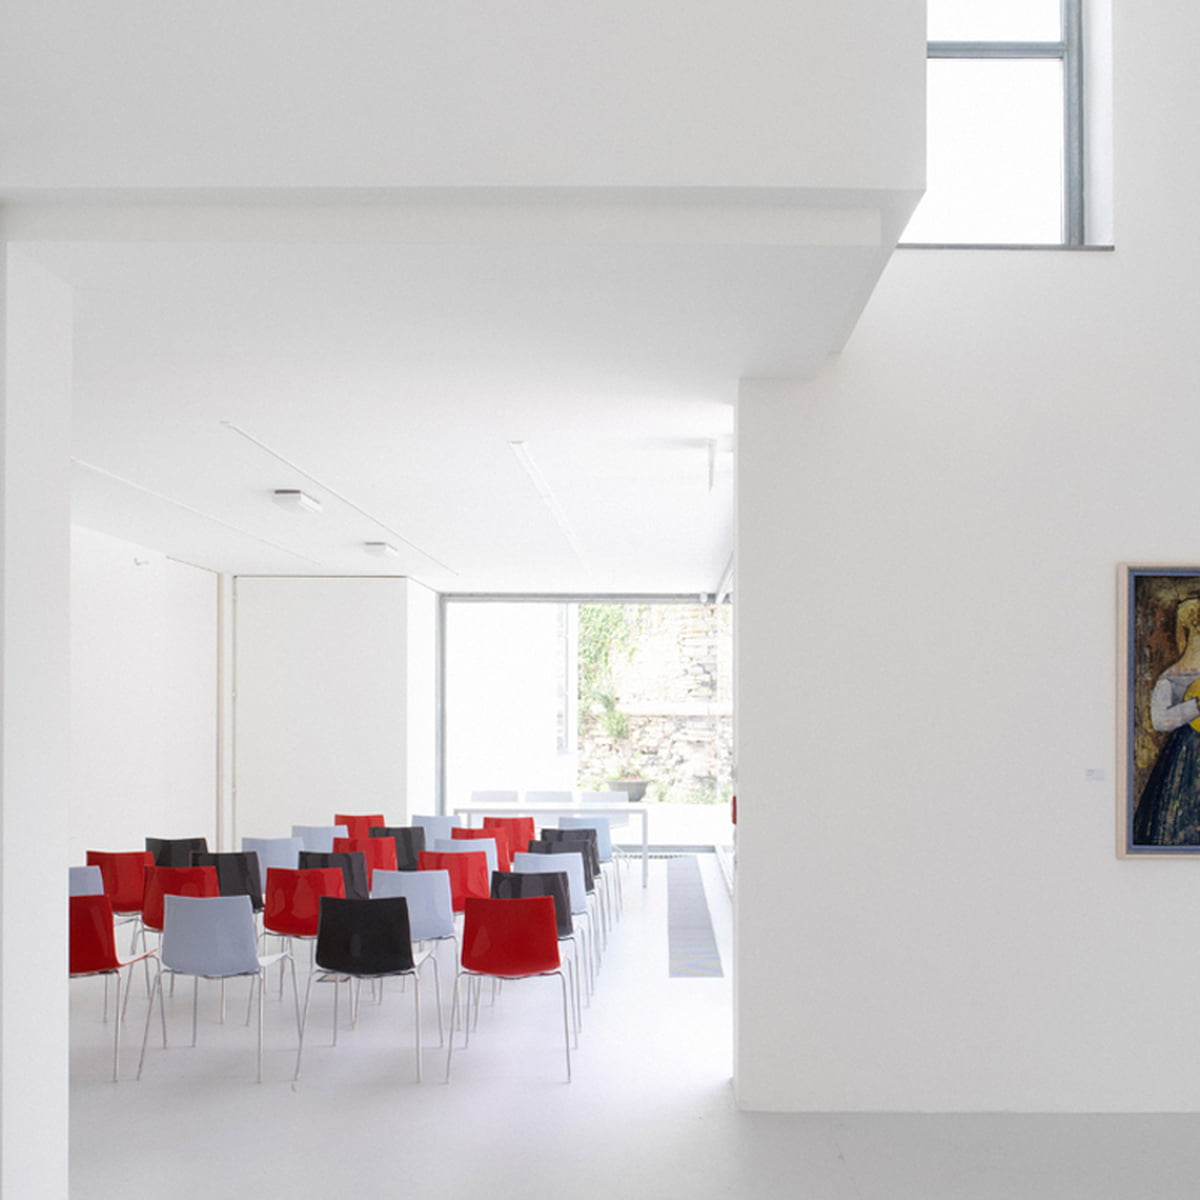 catifa 46 stuhl vierfu gestell von arper connox. Black Bedroom Furniture Sets. Home Design Ideas